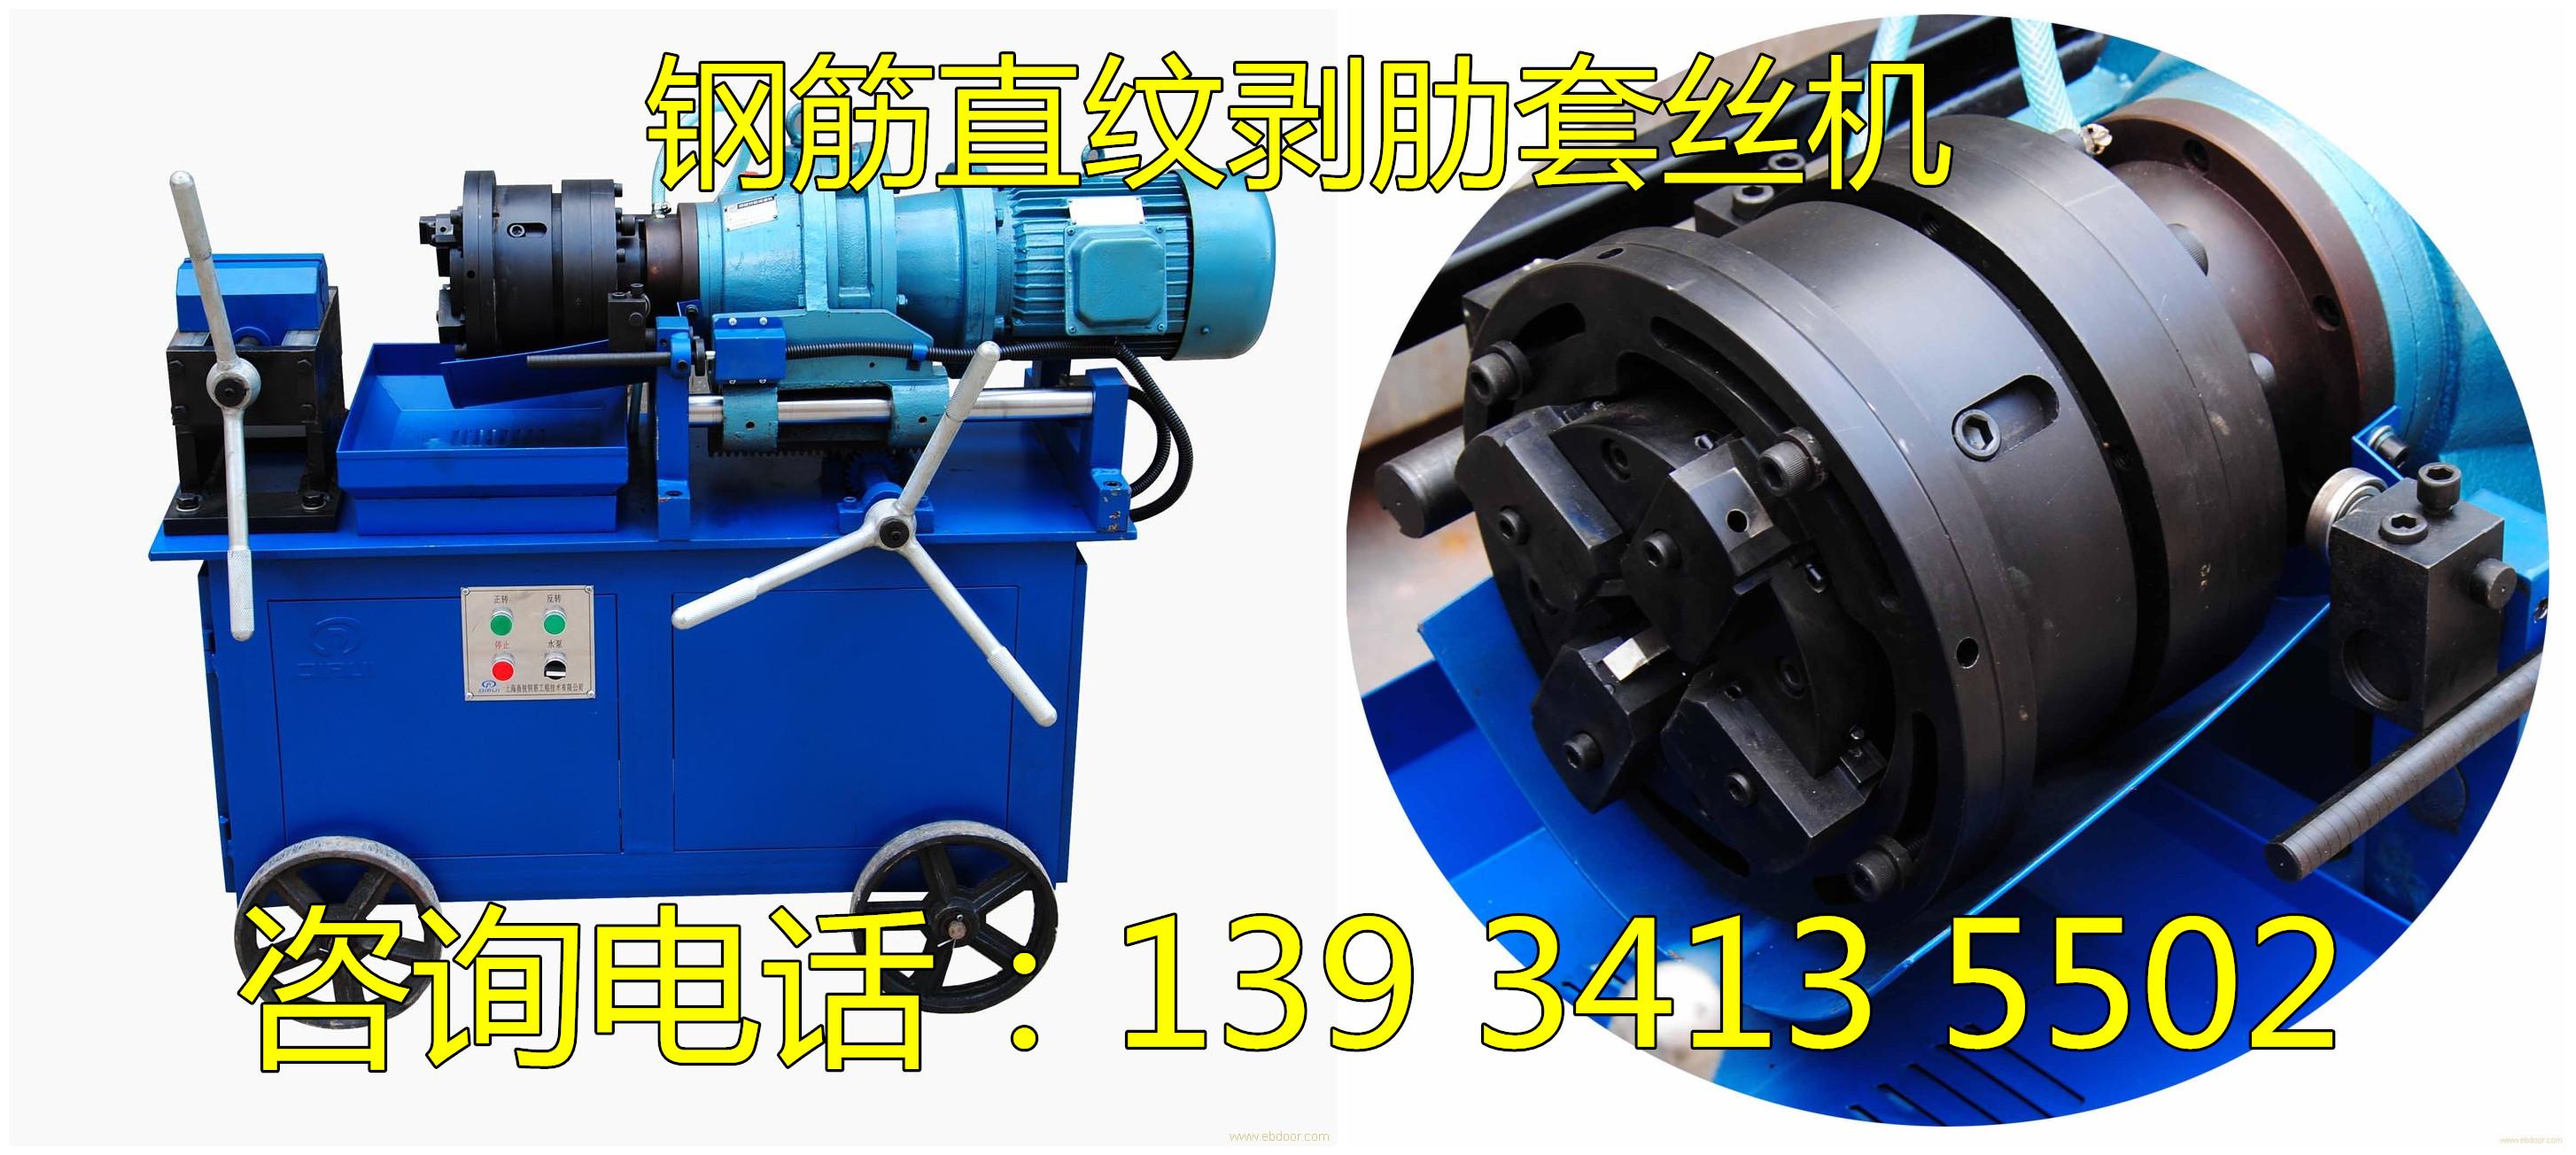 黑龙江双鸭山钢筋头加粗机生产厂家